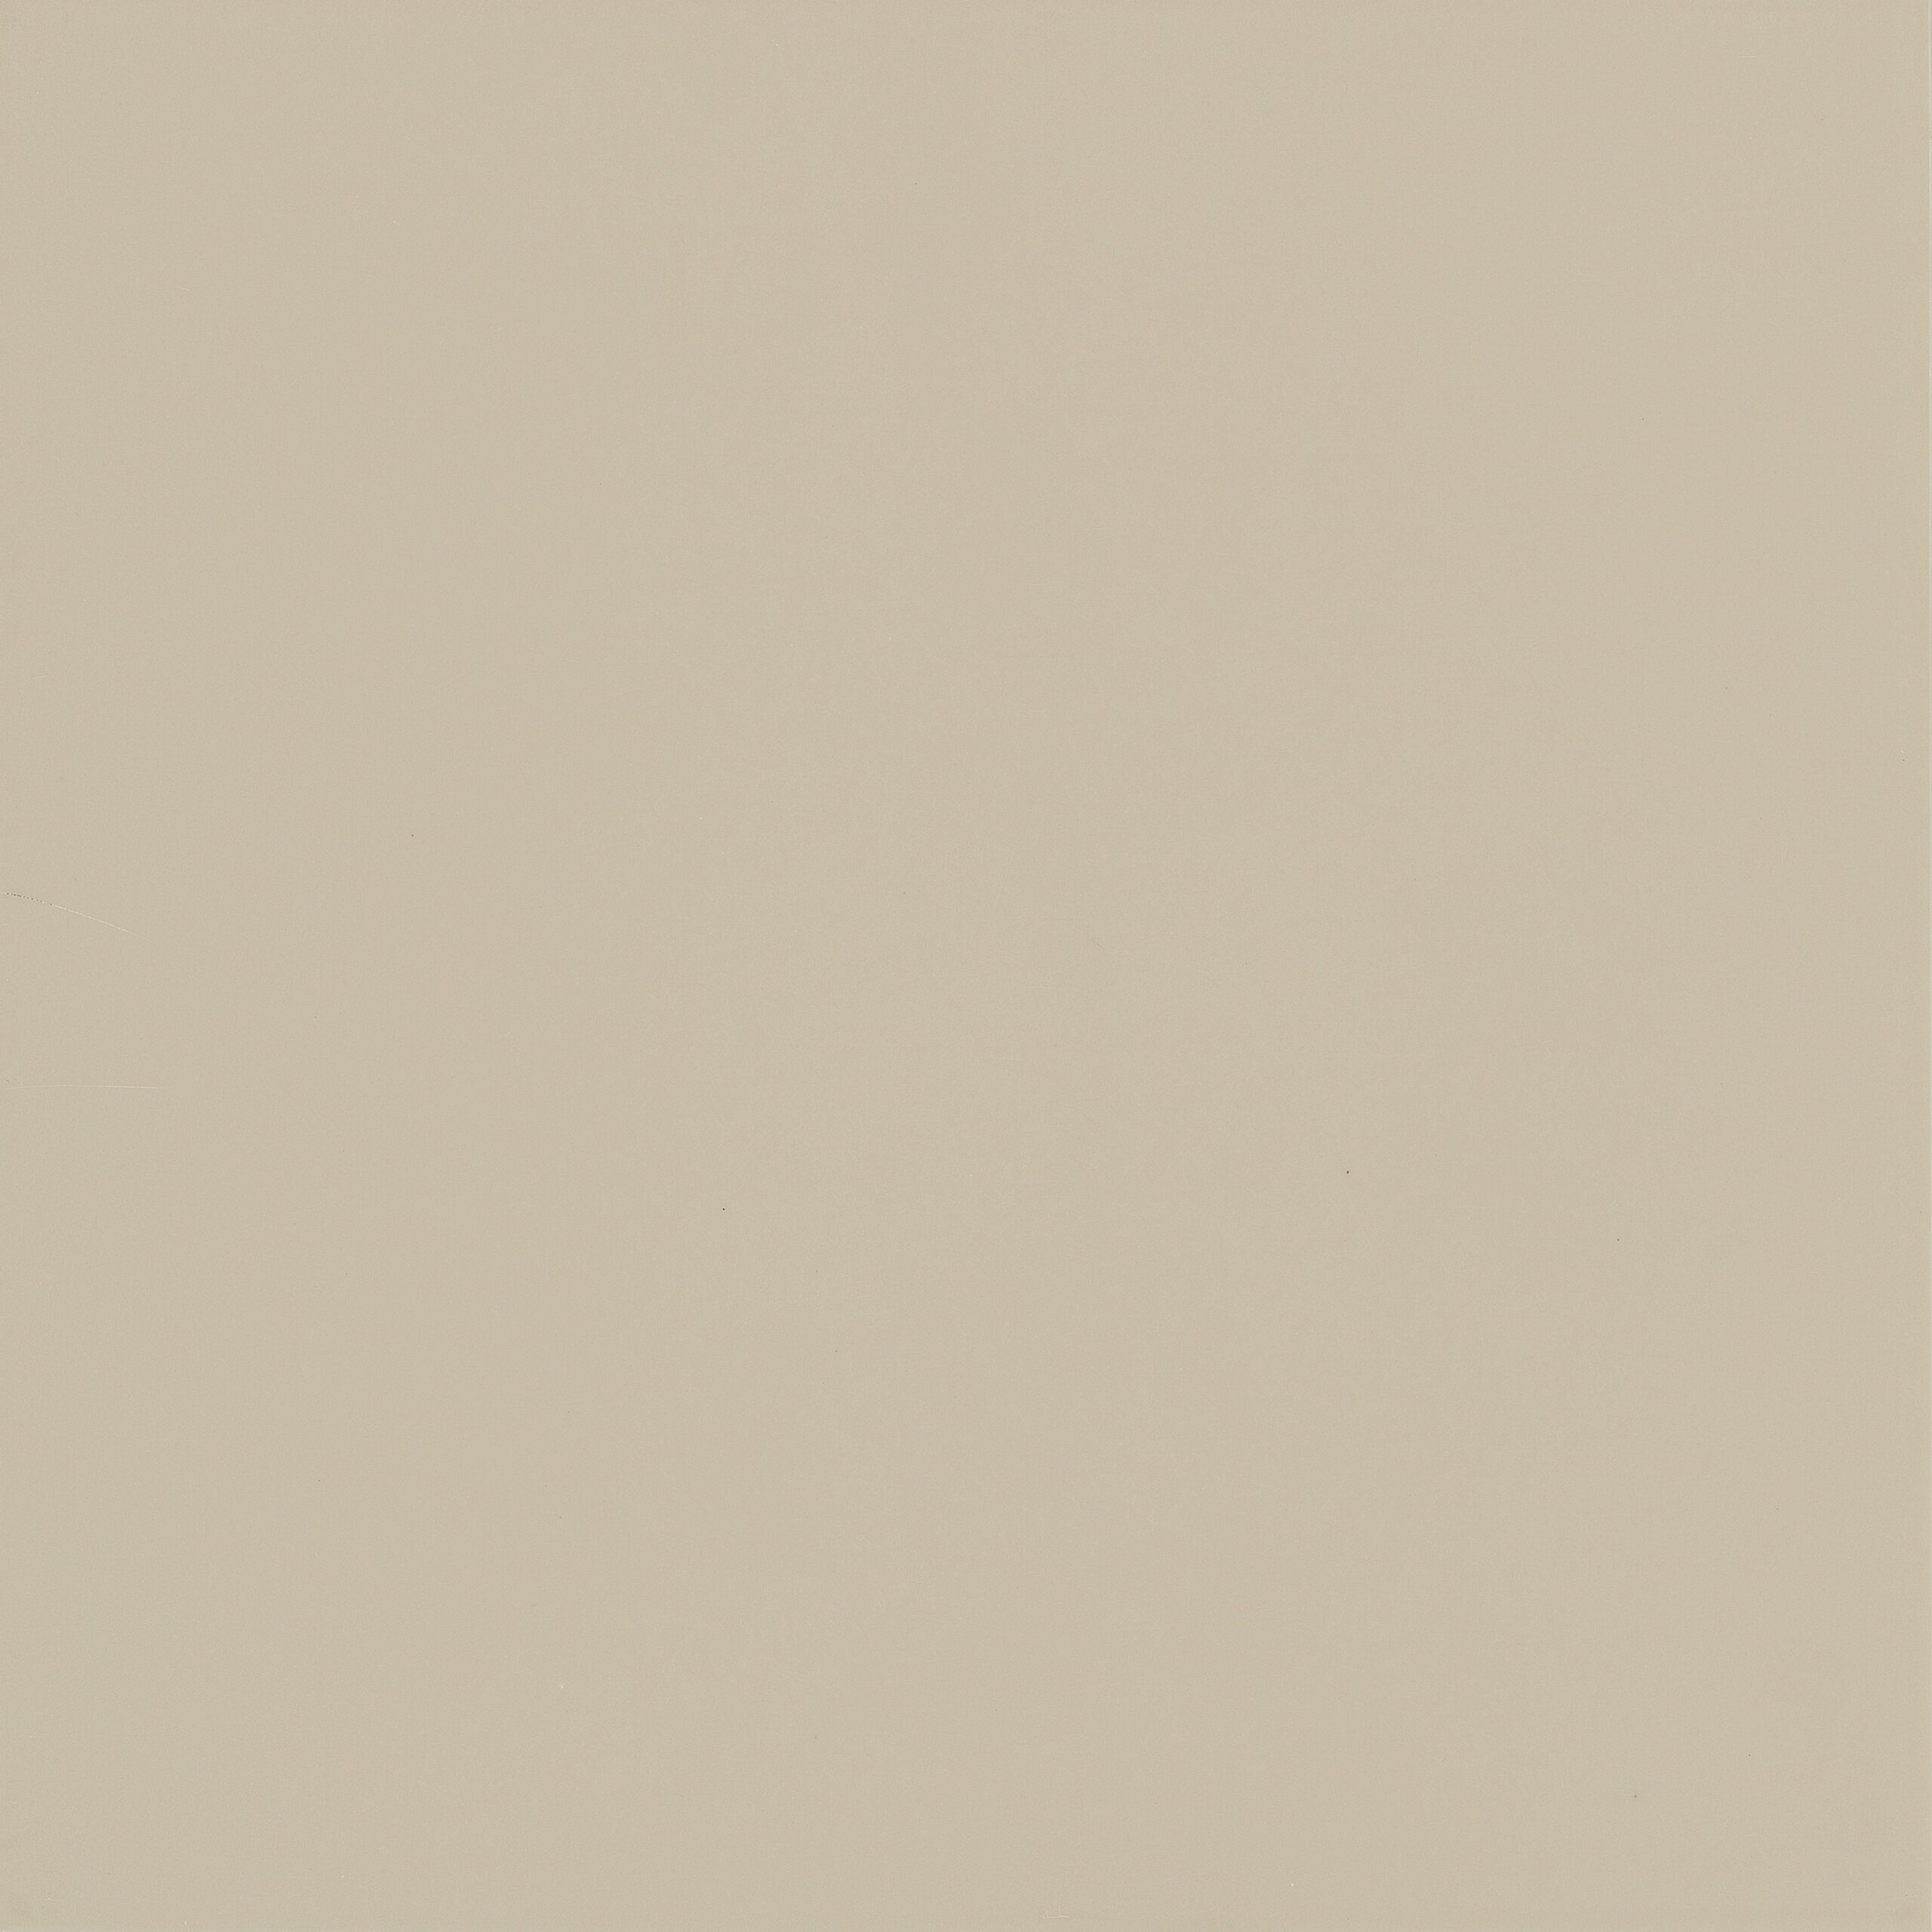 Hanex Enp Sand, столешница из искусственного камня, столешницу купить, столешницы из искусственного камня, искусственного камня, купить столешницы, вияр столешница, столешница из искусственного камня цены, столешница из камня, столешницы из искусственного камня цена, столешницы из искусственного камня цены, столешница из искусственного камня цена, столешницы из камня, кварцевая столешница, столешница из кварца, вияр столешницы, искусственные каменные столешницы, искусственный камень столешница, искусственный камень столешницы, купить камень, столешницы из кварца, laminam, столешница искусственный камень, tristone, купить столешницы для кухни, кухонные столешницы, размер столешницы, столешницы цена, vicostone, купить столешницу из искусственного камня, купить столешницы из искусственного камня, столешница на кухню из искусственного камня, столешница цена, столешница цены, столешницы киев, столешницы цены, искусственный камень цена, кварцевые столешницы, столешница из искусственного камня киев, столешницы из искусственного камня киев, столешницы искусственный камень, corian, изделие из искусственного камня, изделия из искусственного камня, искусственный камень для столешниц, искусственный камень для столешницы, кориан, купить искусственный камень, кухонная столешница из искусственного камня, ламинам, столешницы из камня цены, столешницы из натурального камня, установка столешницы, столешница киев, кварц столешница, столешница из кварцита, столешница искусственный камень цена, столешница кварц, столешницы из кварцита, столешницы кварц, столешница камень, купить кухонную столешницу, столешницы из искусственного камня цены киев, акриловые столешницы киев, столешница керамогранит, вияр мойка, кухонные столешницы из искусственного камня, столешница из искусственного камня цена за метр, столешницы для кухни купить киев, акриловая столешница цена киев, акриловые столешницы цена киев, мойка из кварца, изготовление столешниц, кварцевые столешницы киев, кухня из камня, ламинам 